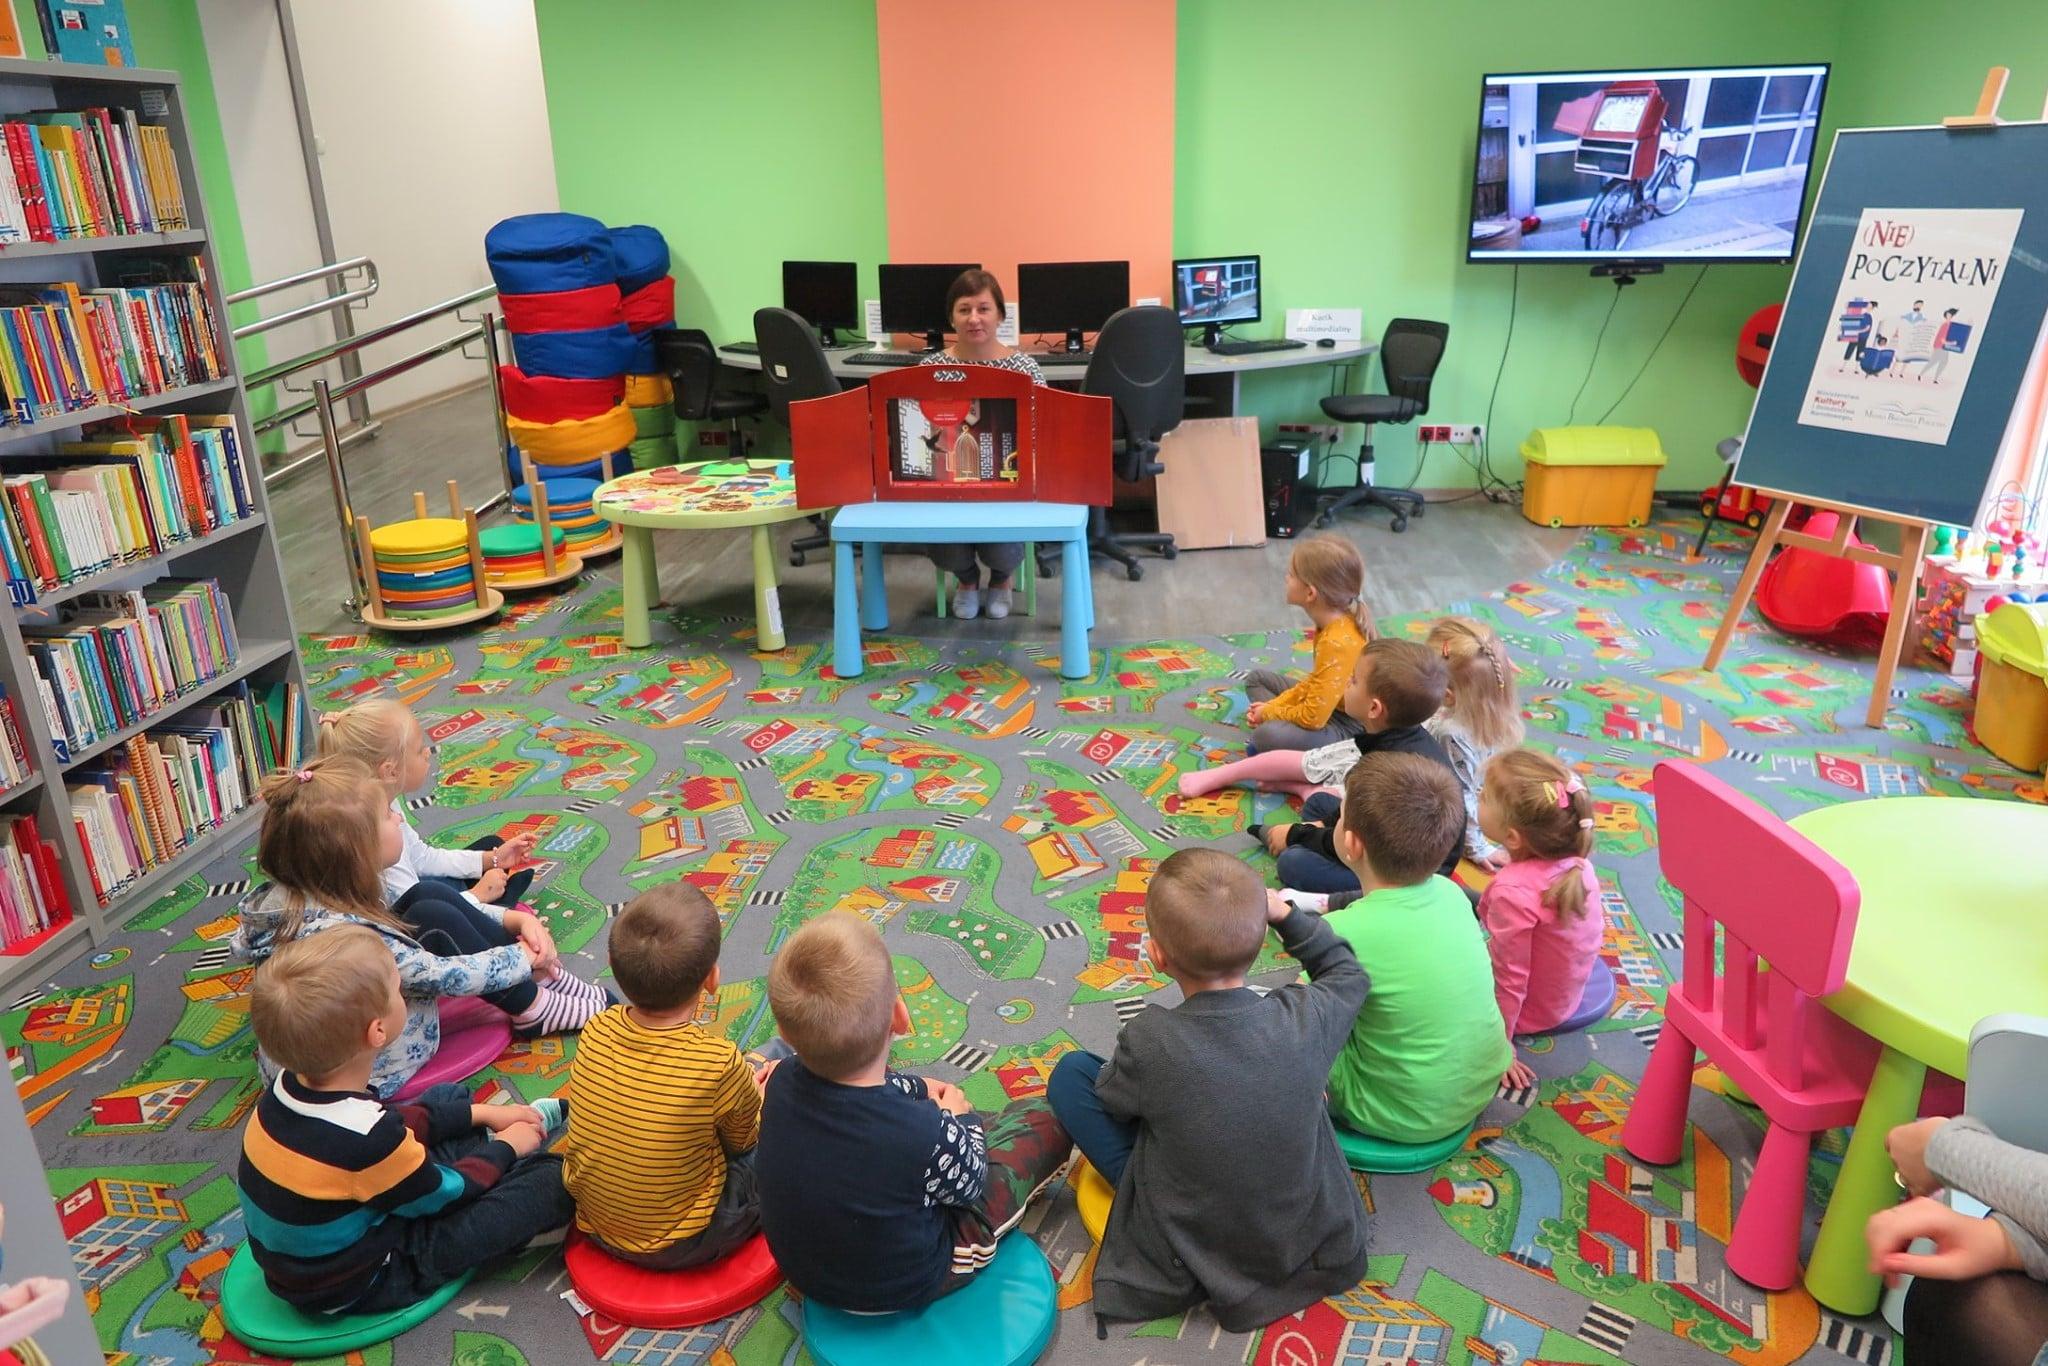 Wnętrze biblioteki ,oddział dla dzieci. Dzieci siedzą na pufach i słuchają teatrzyku kamishibai, który czyta bibliotekarka Ania Wiśniewska.